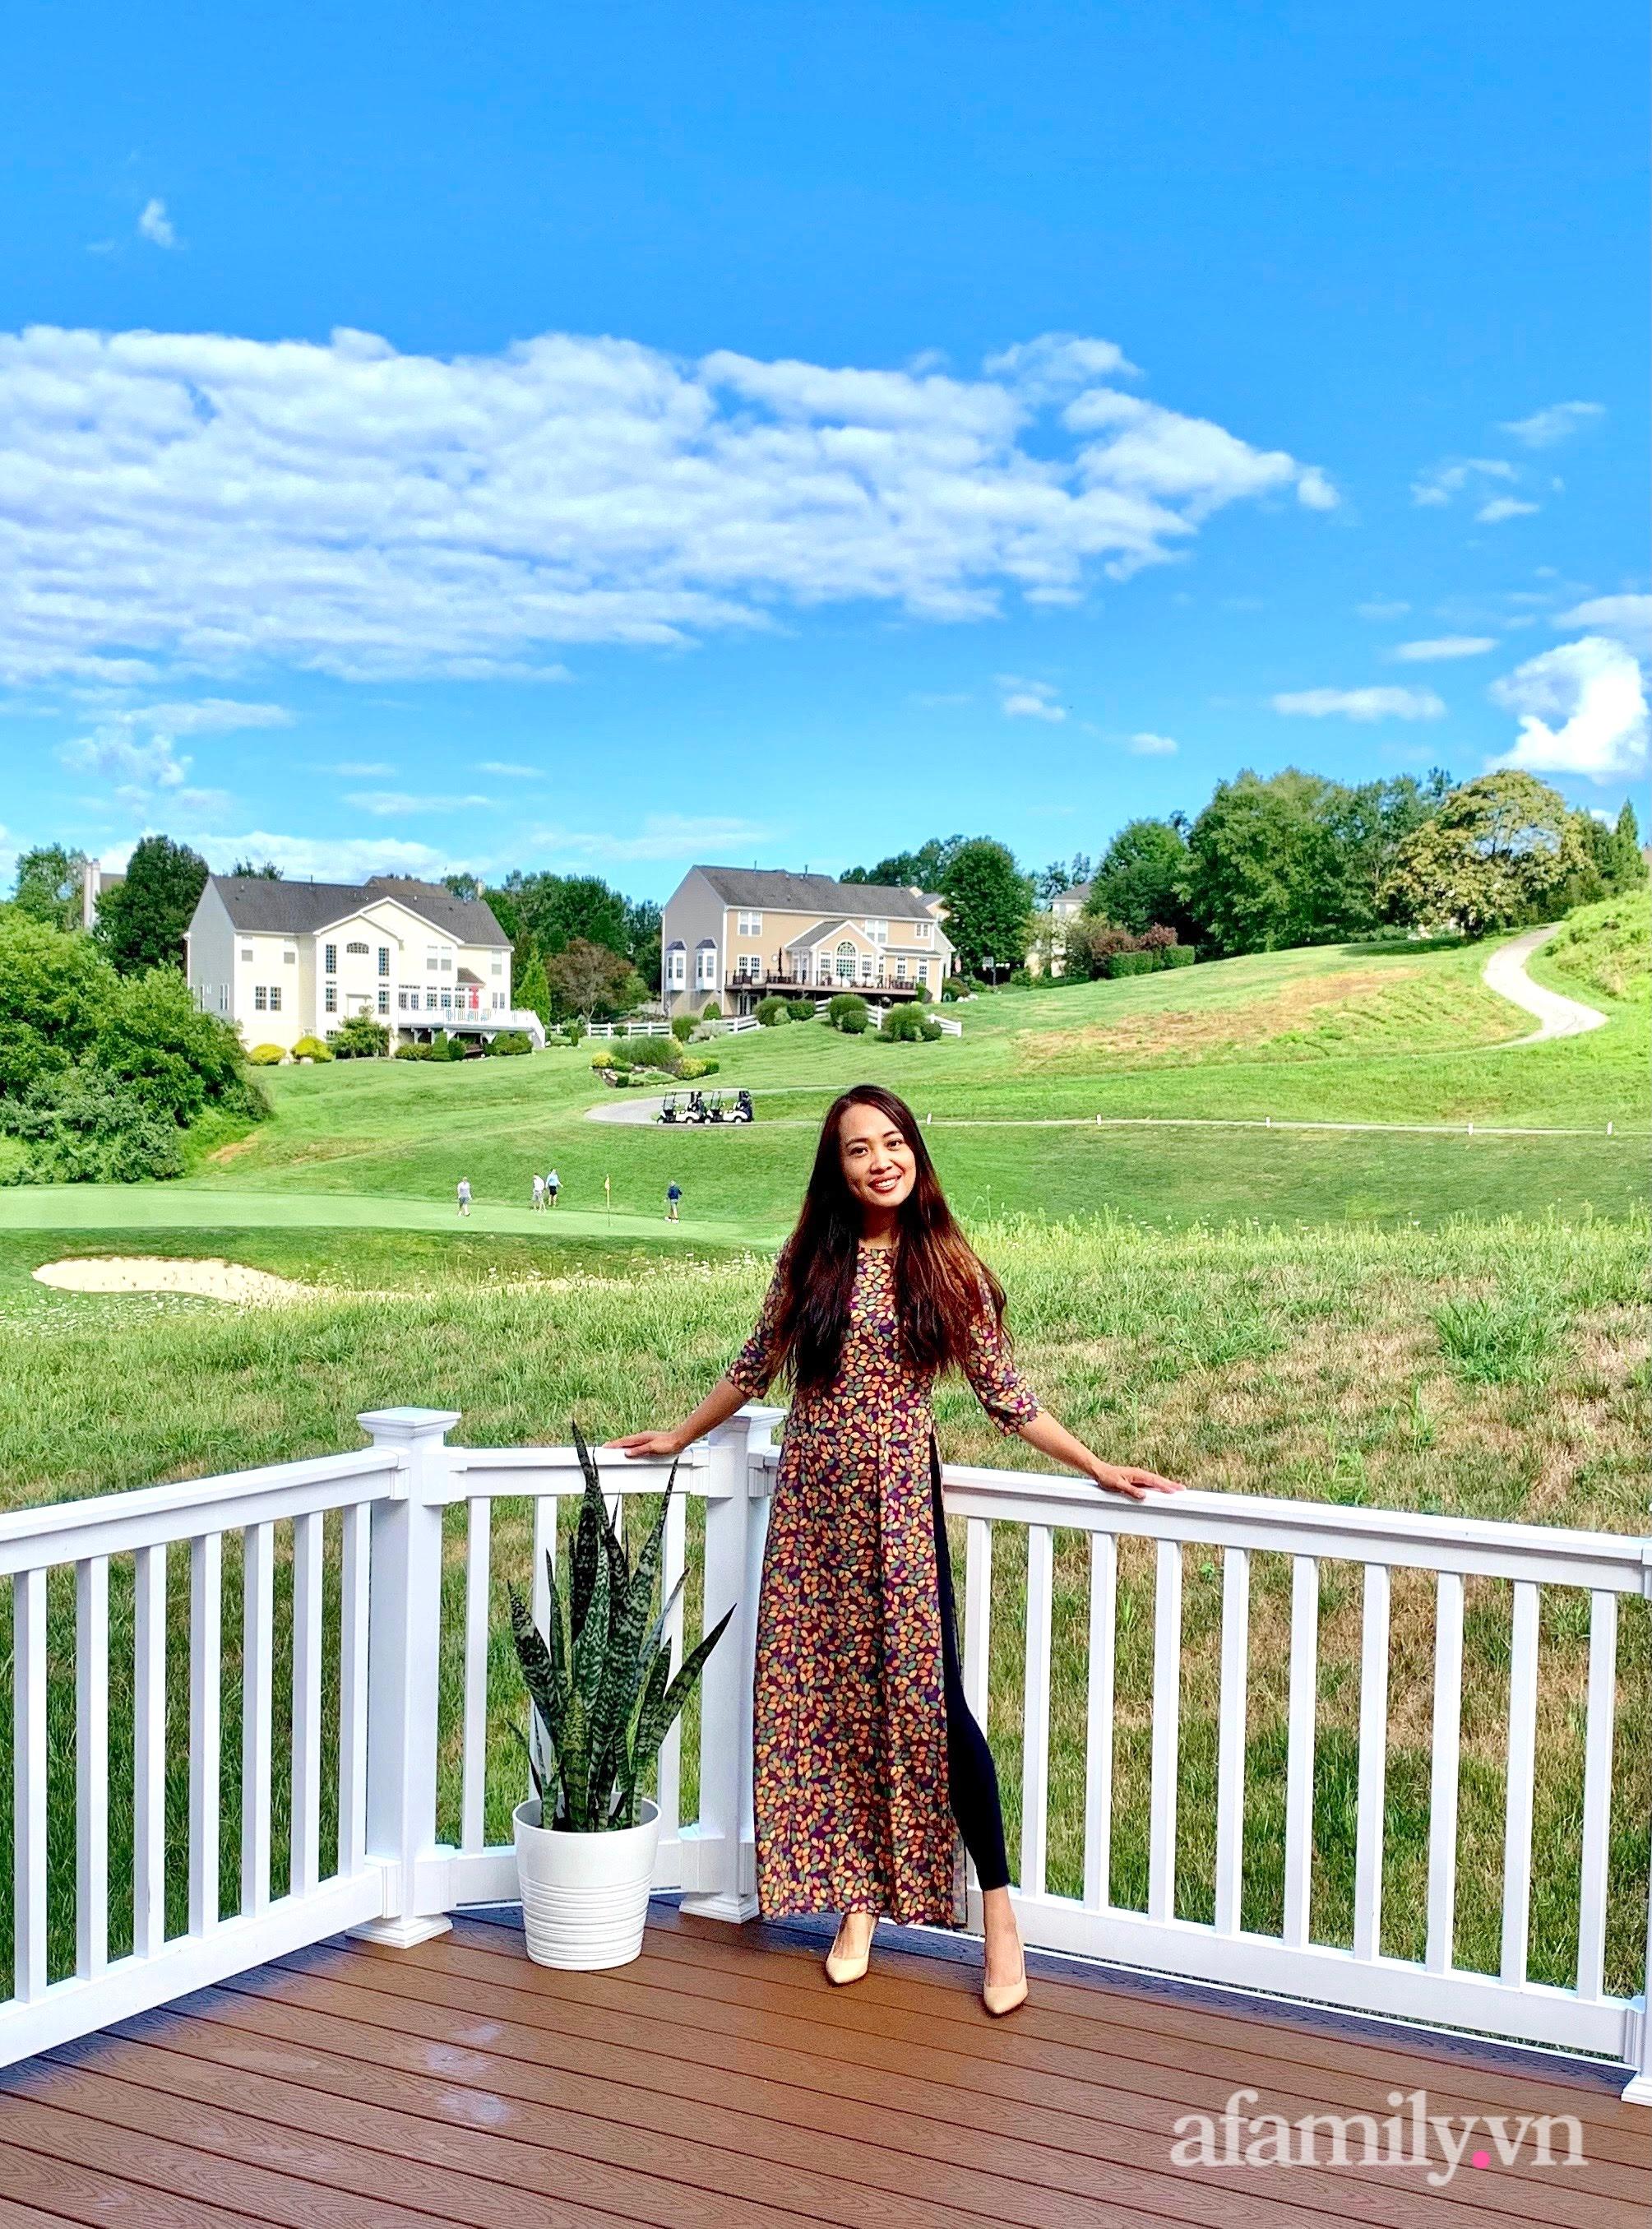 Căn nhà mơ ước với nội thất sang trọng cùng tầm nhìn hướng ra cánh đồng xanh tươi trong lành của mẹ Việt ở Mỹ - Ảnh 4.